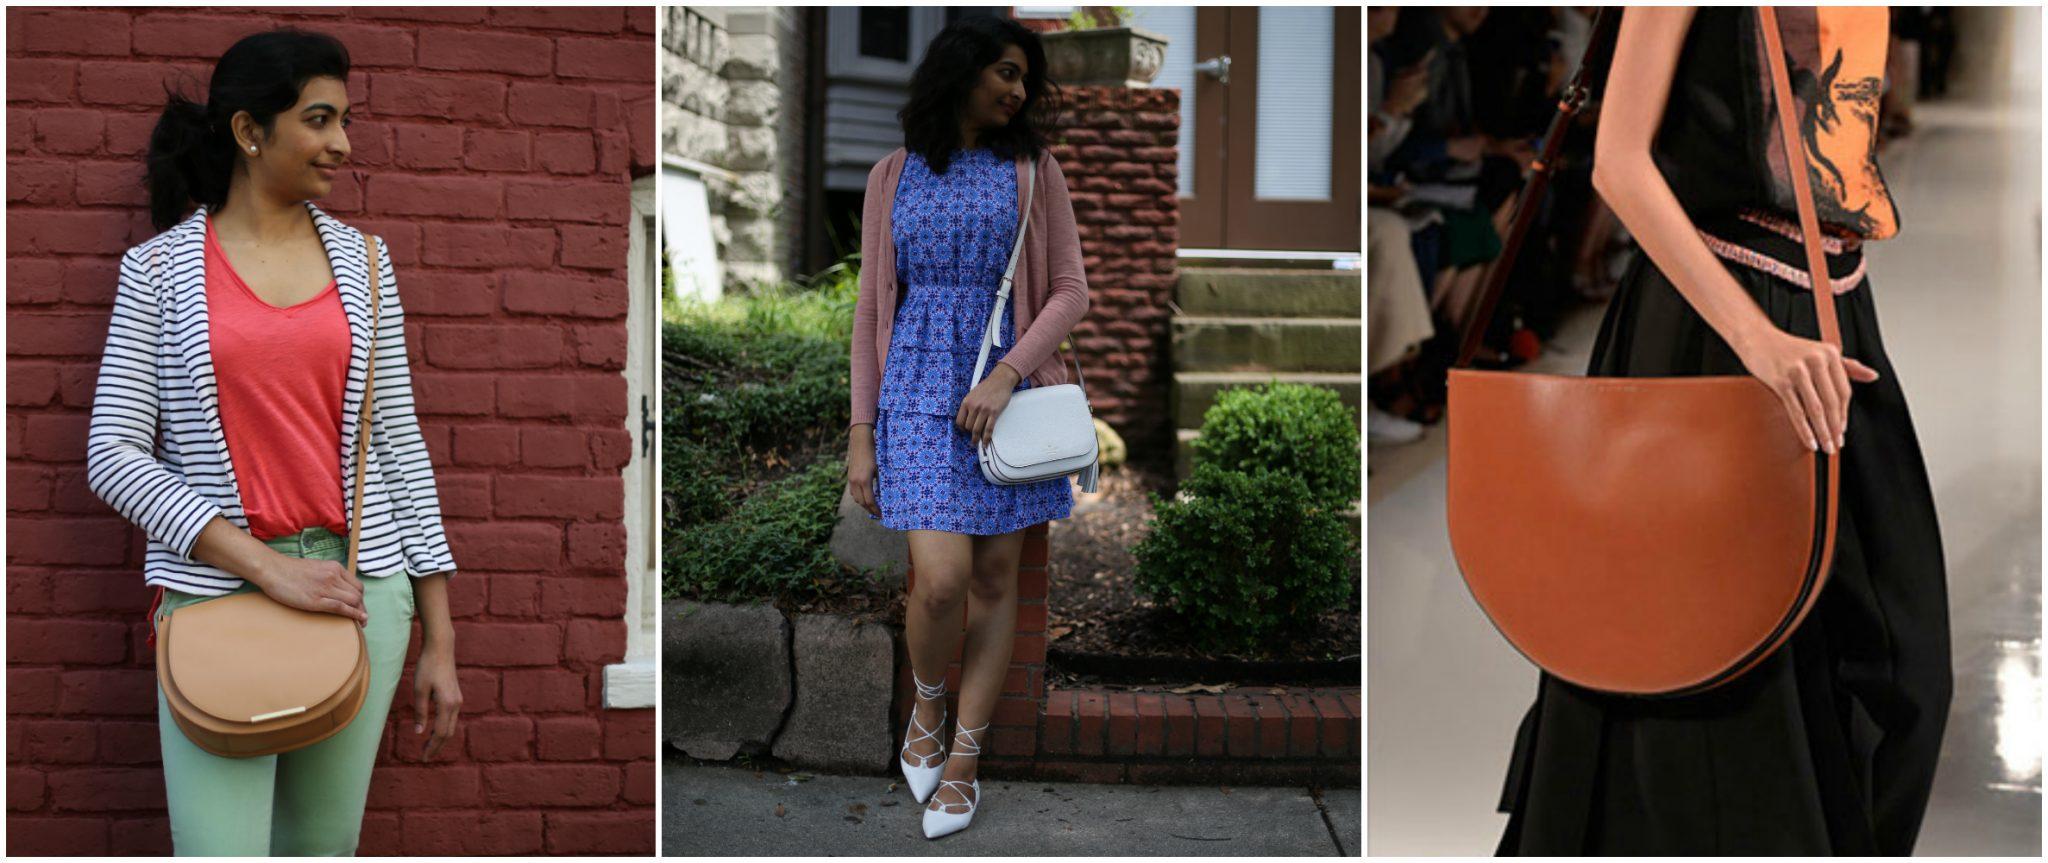 crescent-saddle-bag-summer-trend-2016-dl